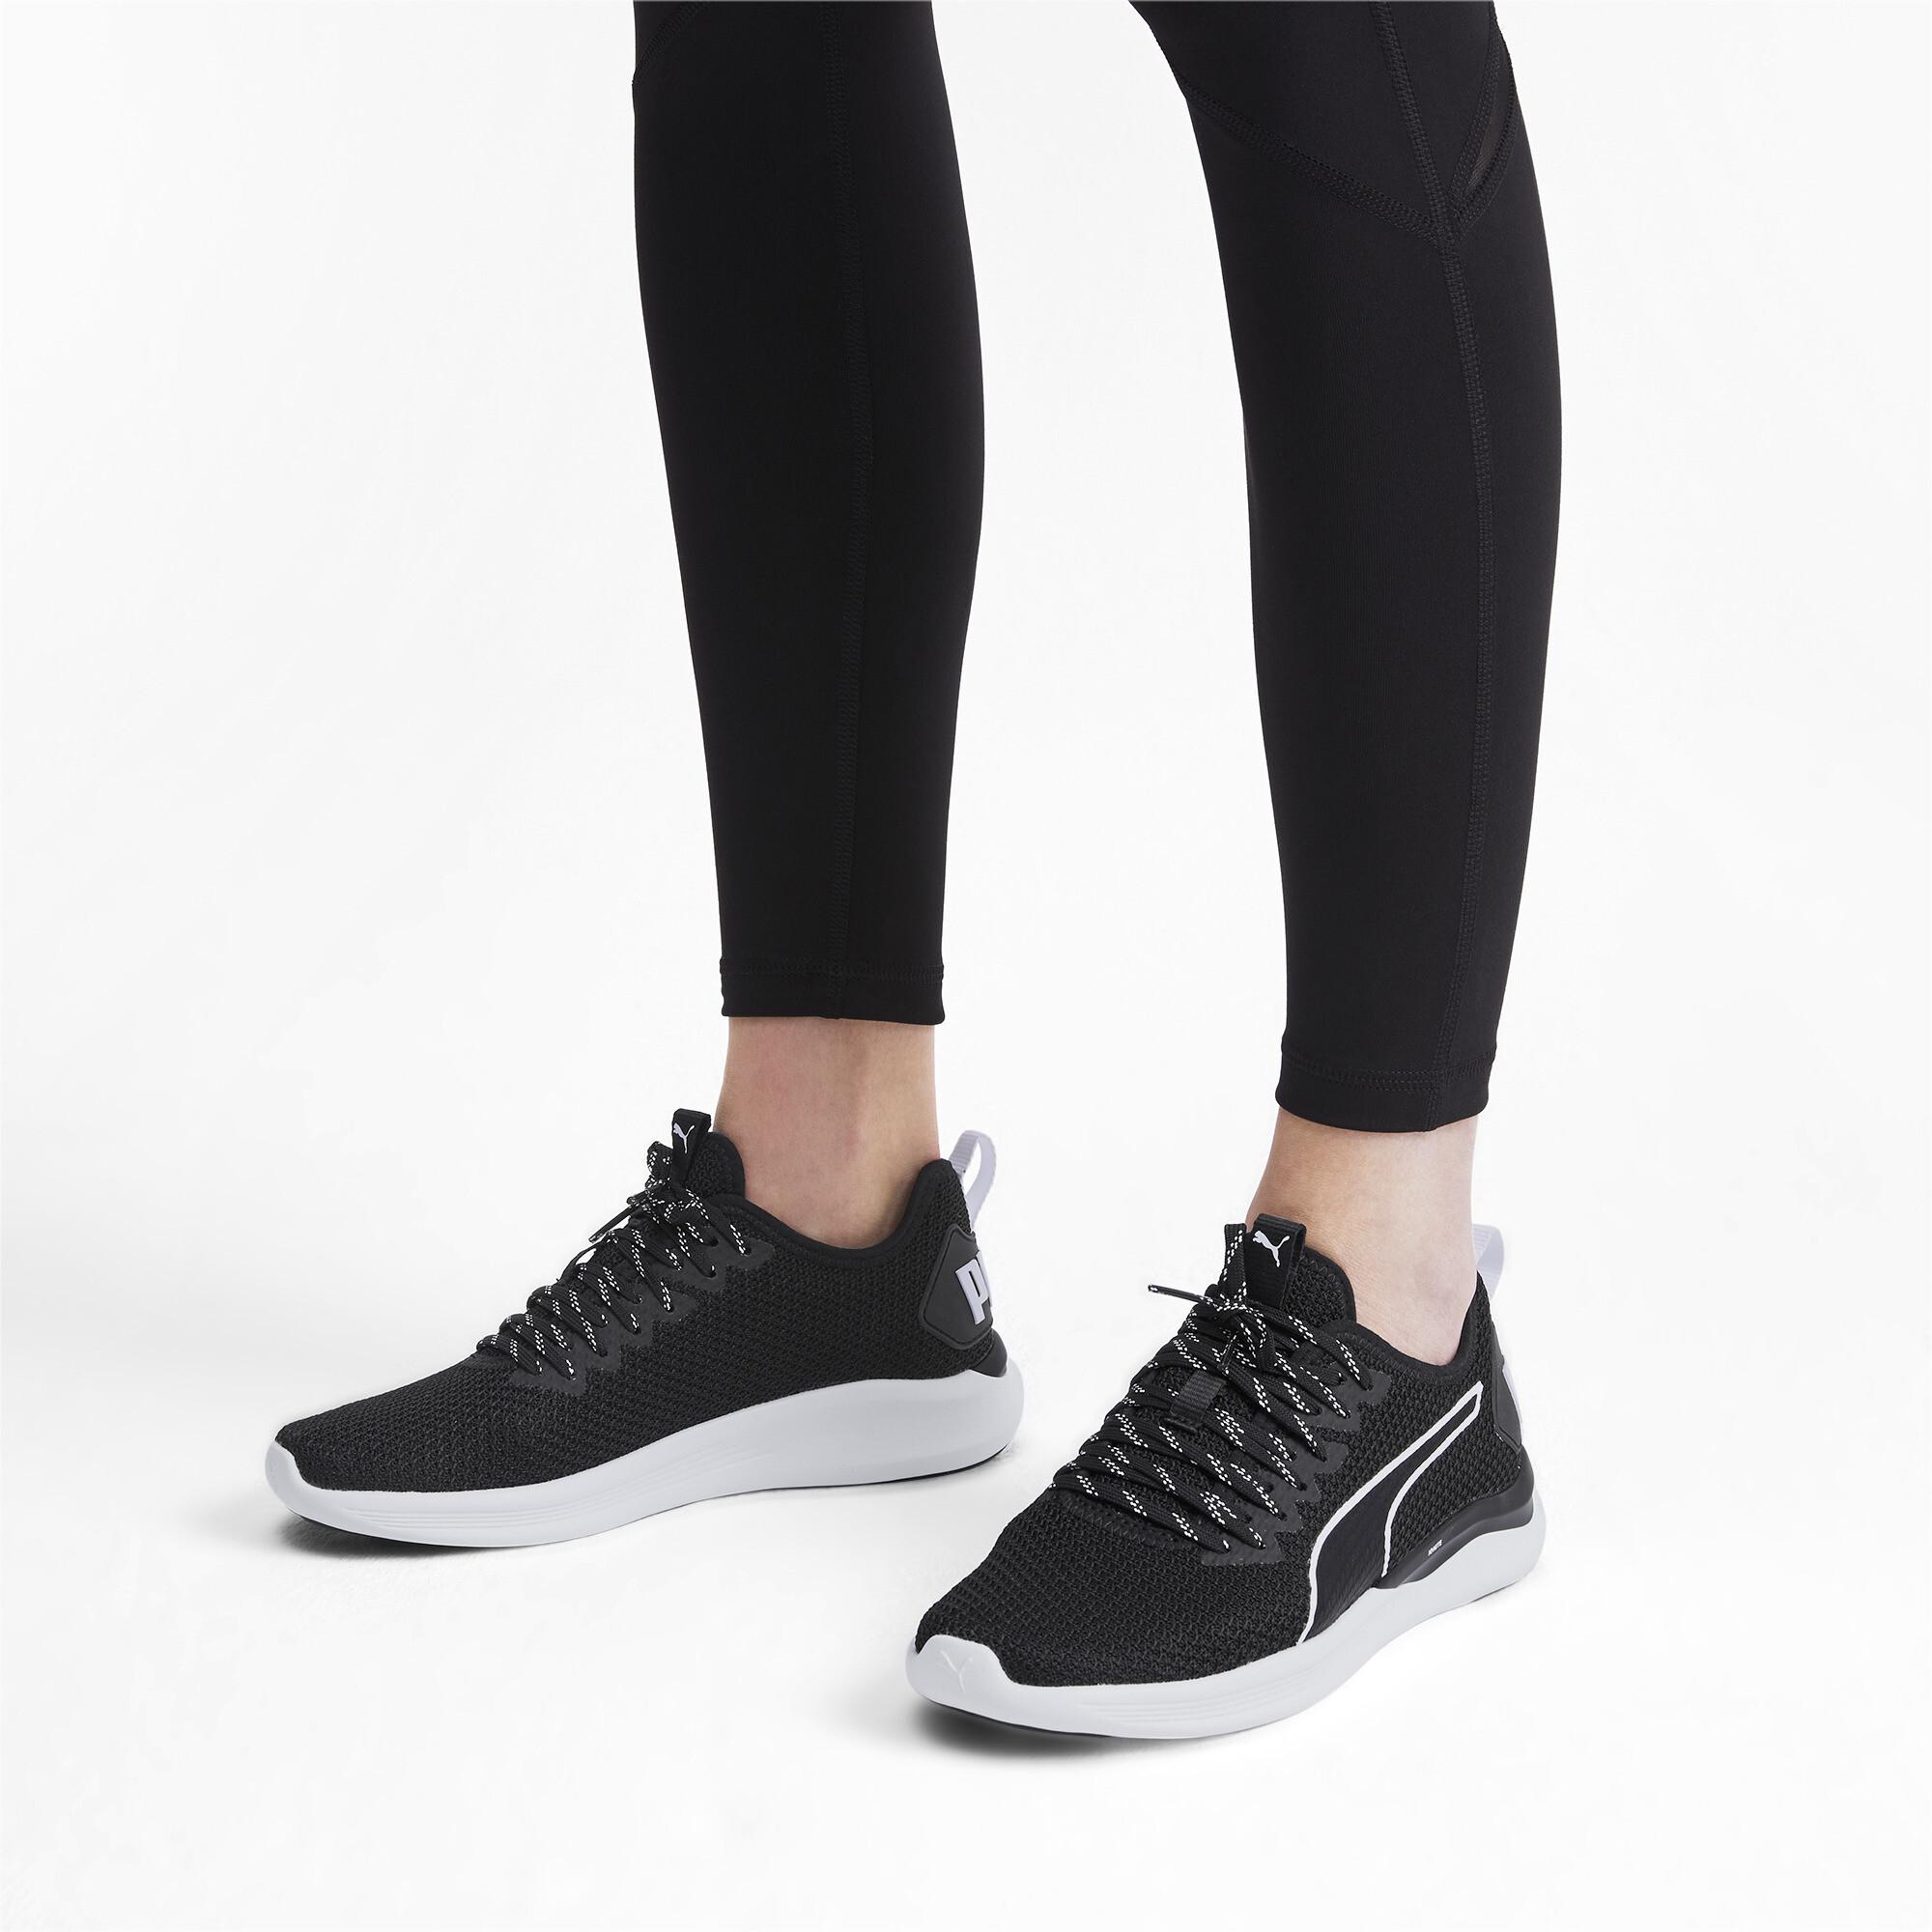 PUMA-IGNITE-Flash-Women-s-Training-Shoes-Women-Shoe-Running thumbnail 12